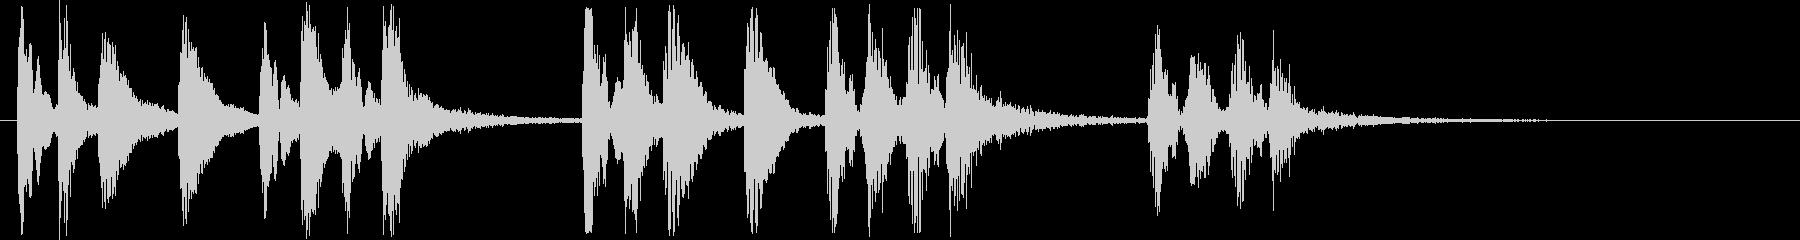 明るい弾みのあるピアノの効果音の未再生の波形